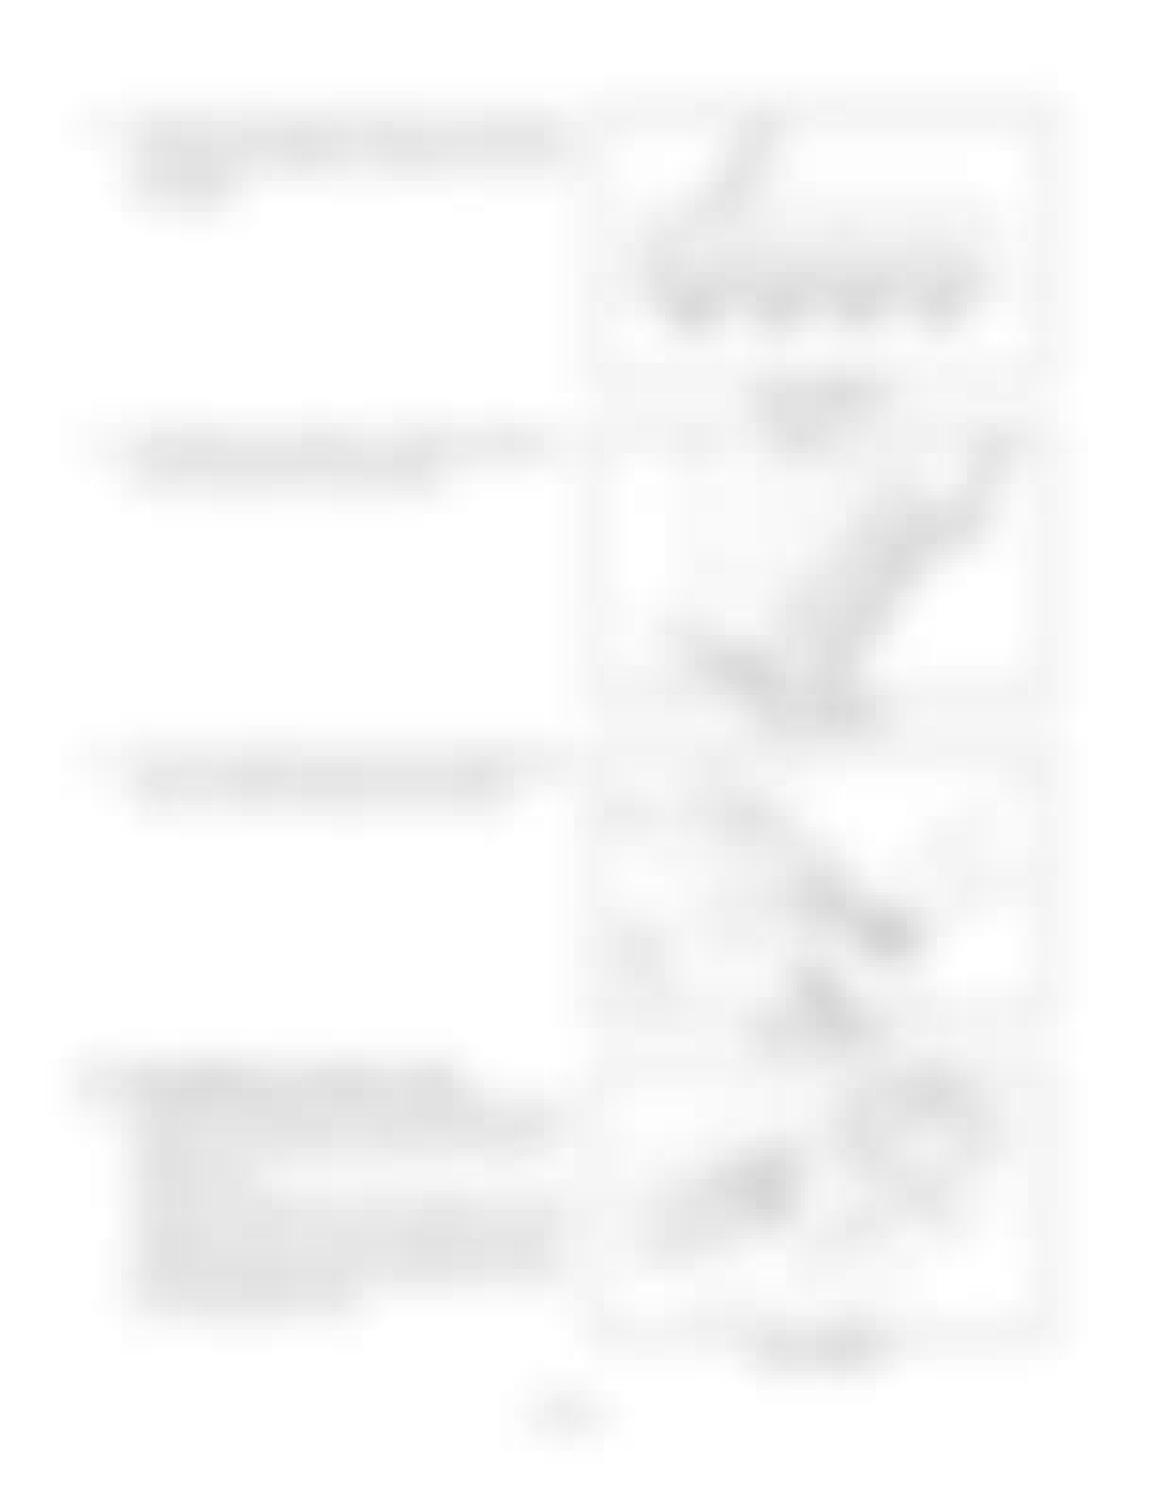 Hitachi LX110-7 LX130-7 LX160-7 LX190-7 LX230-7 Wheel Loader Workshop Manual - PDF DOWNLOAD page 130